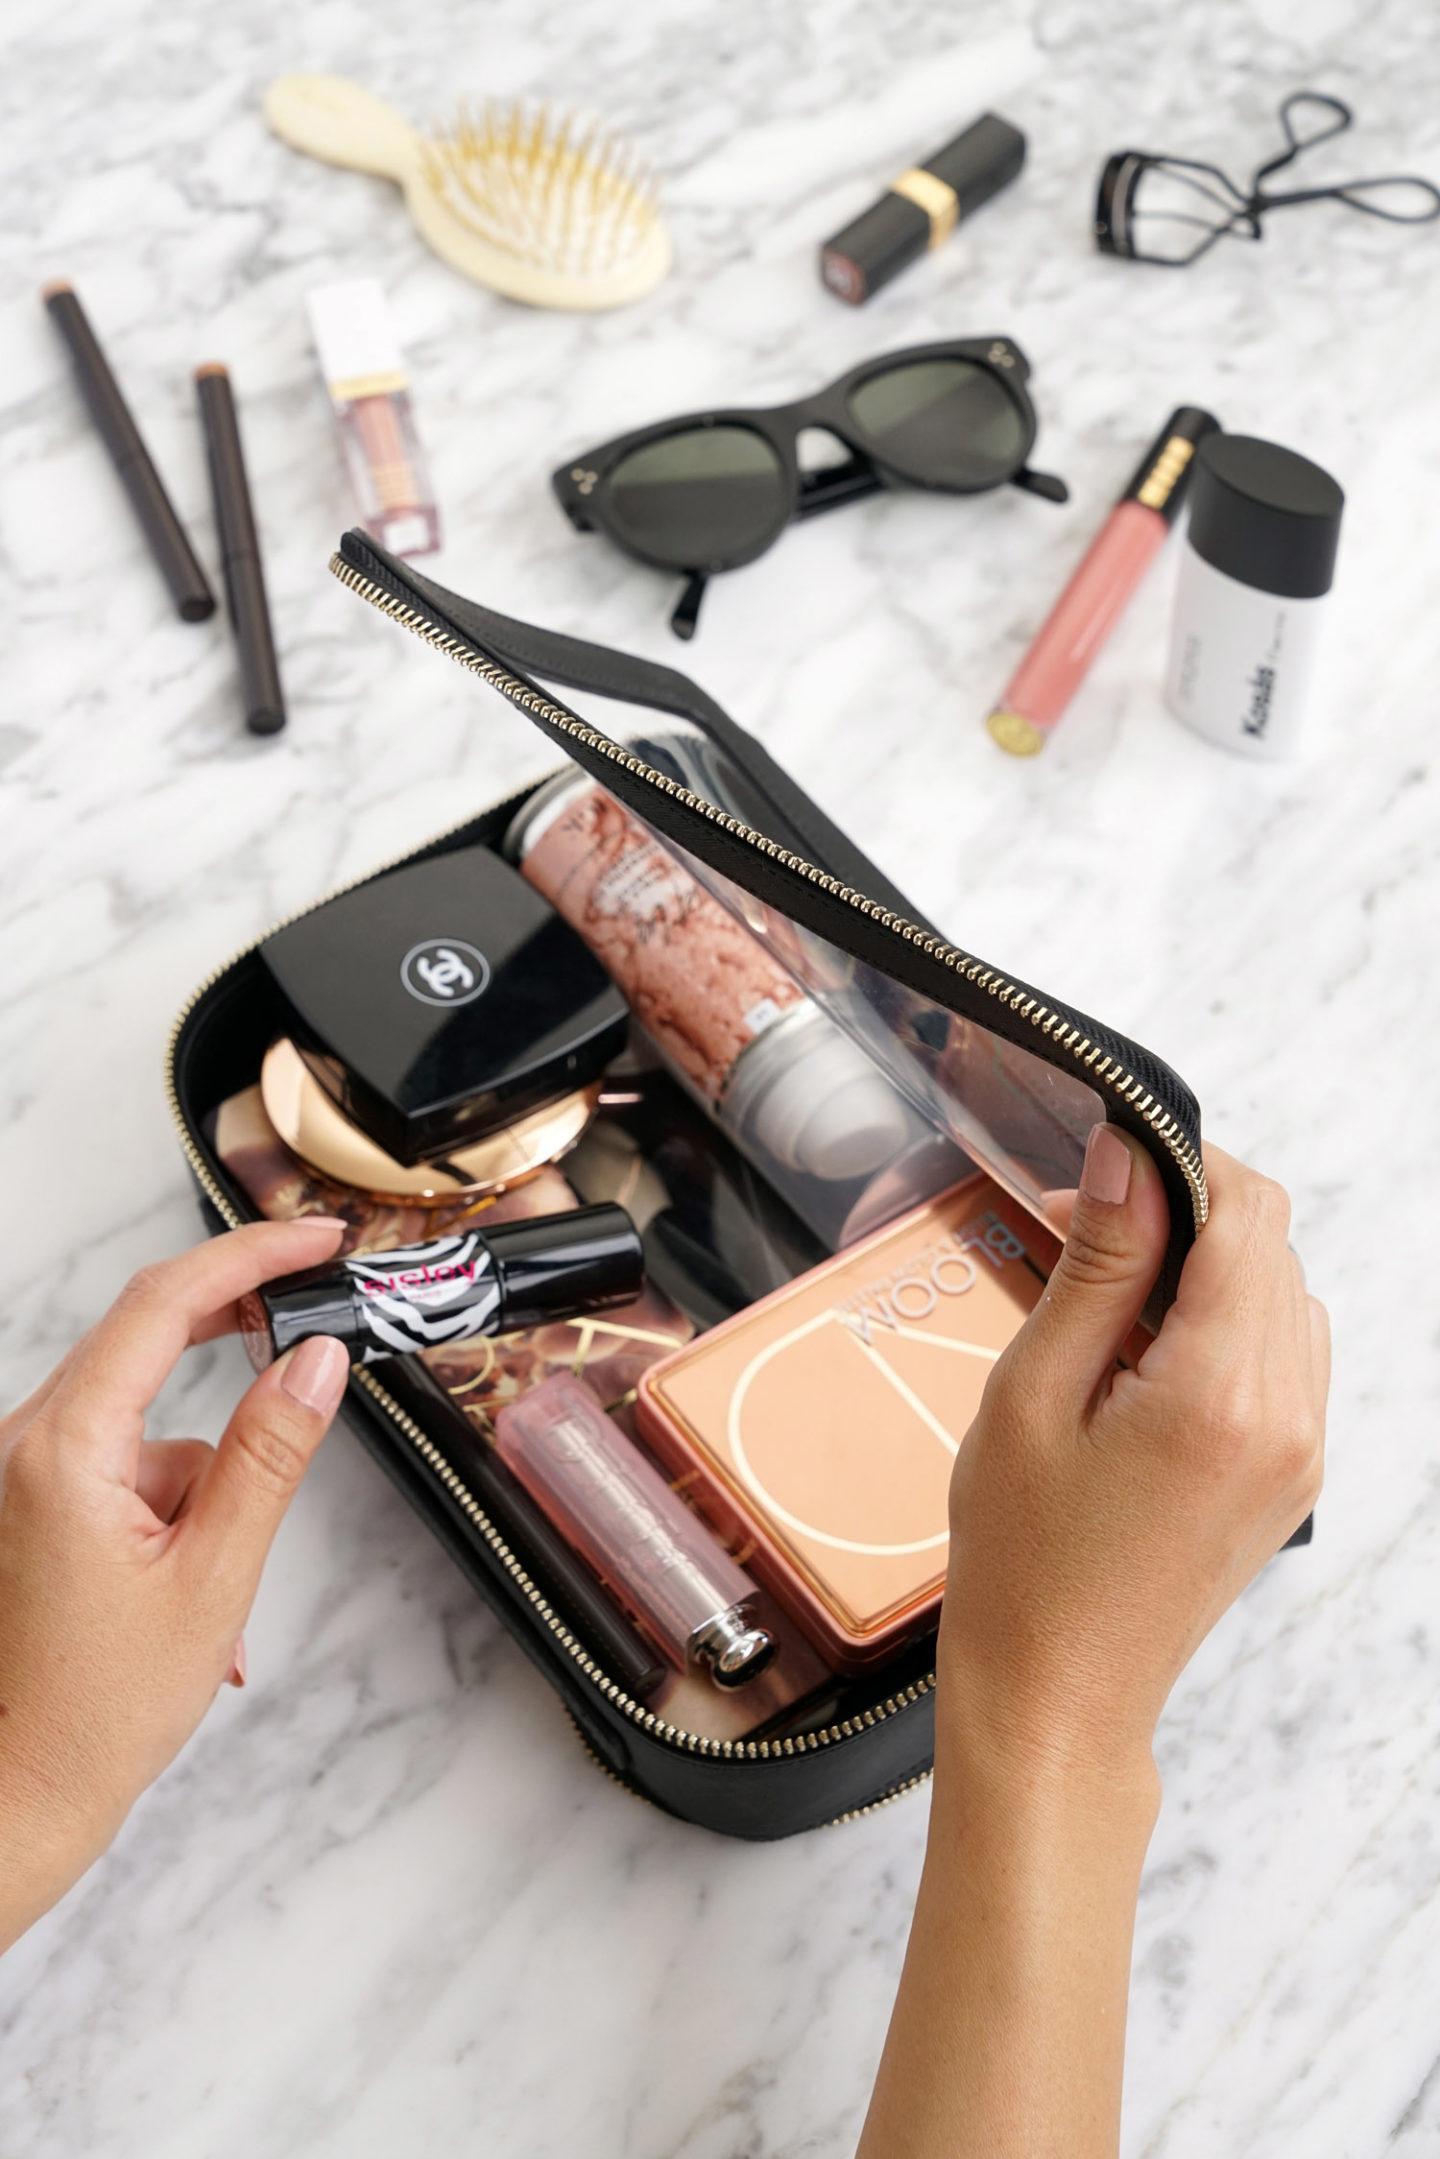 Truffle Clarity Jumbo Jetset examen via The Beauty Look Book